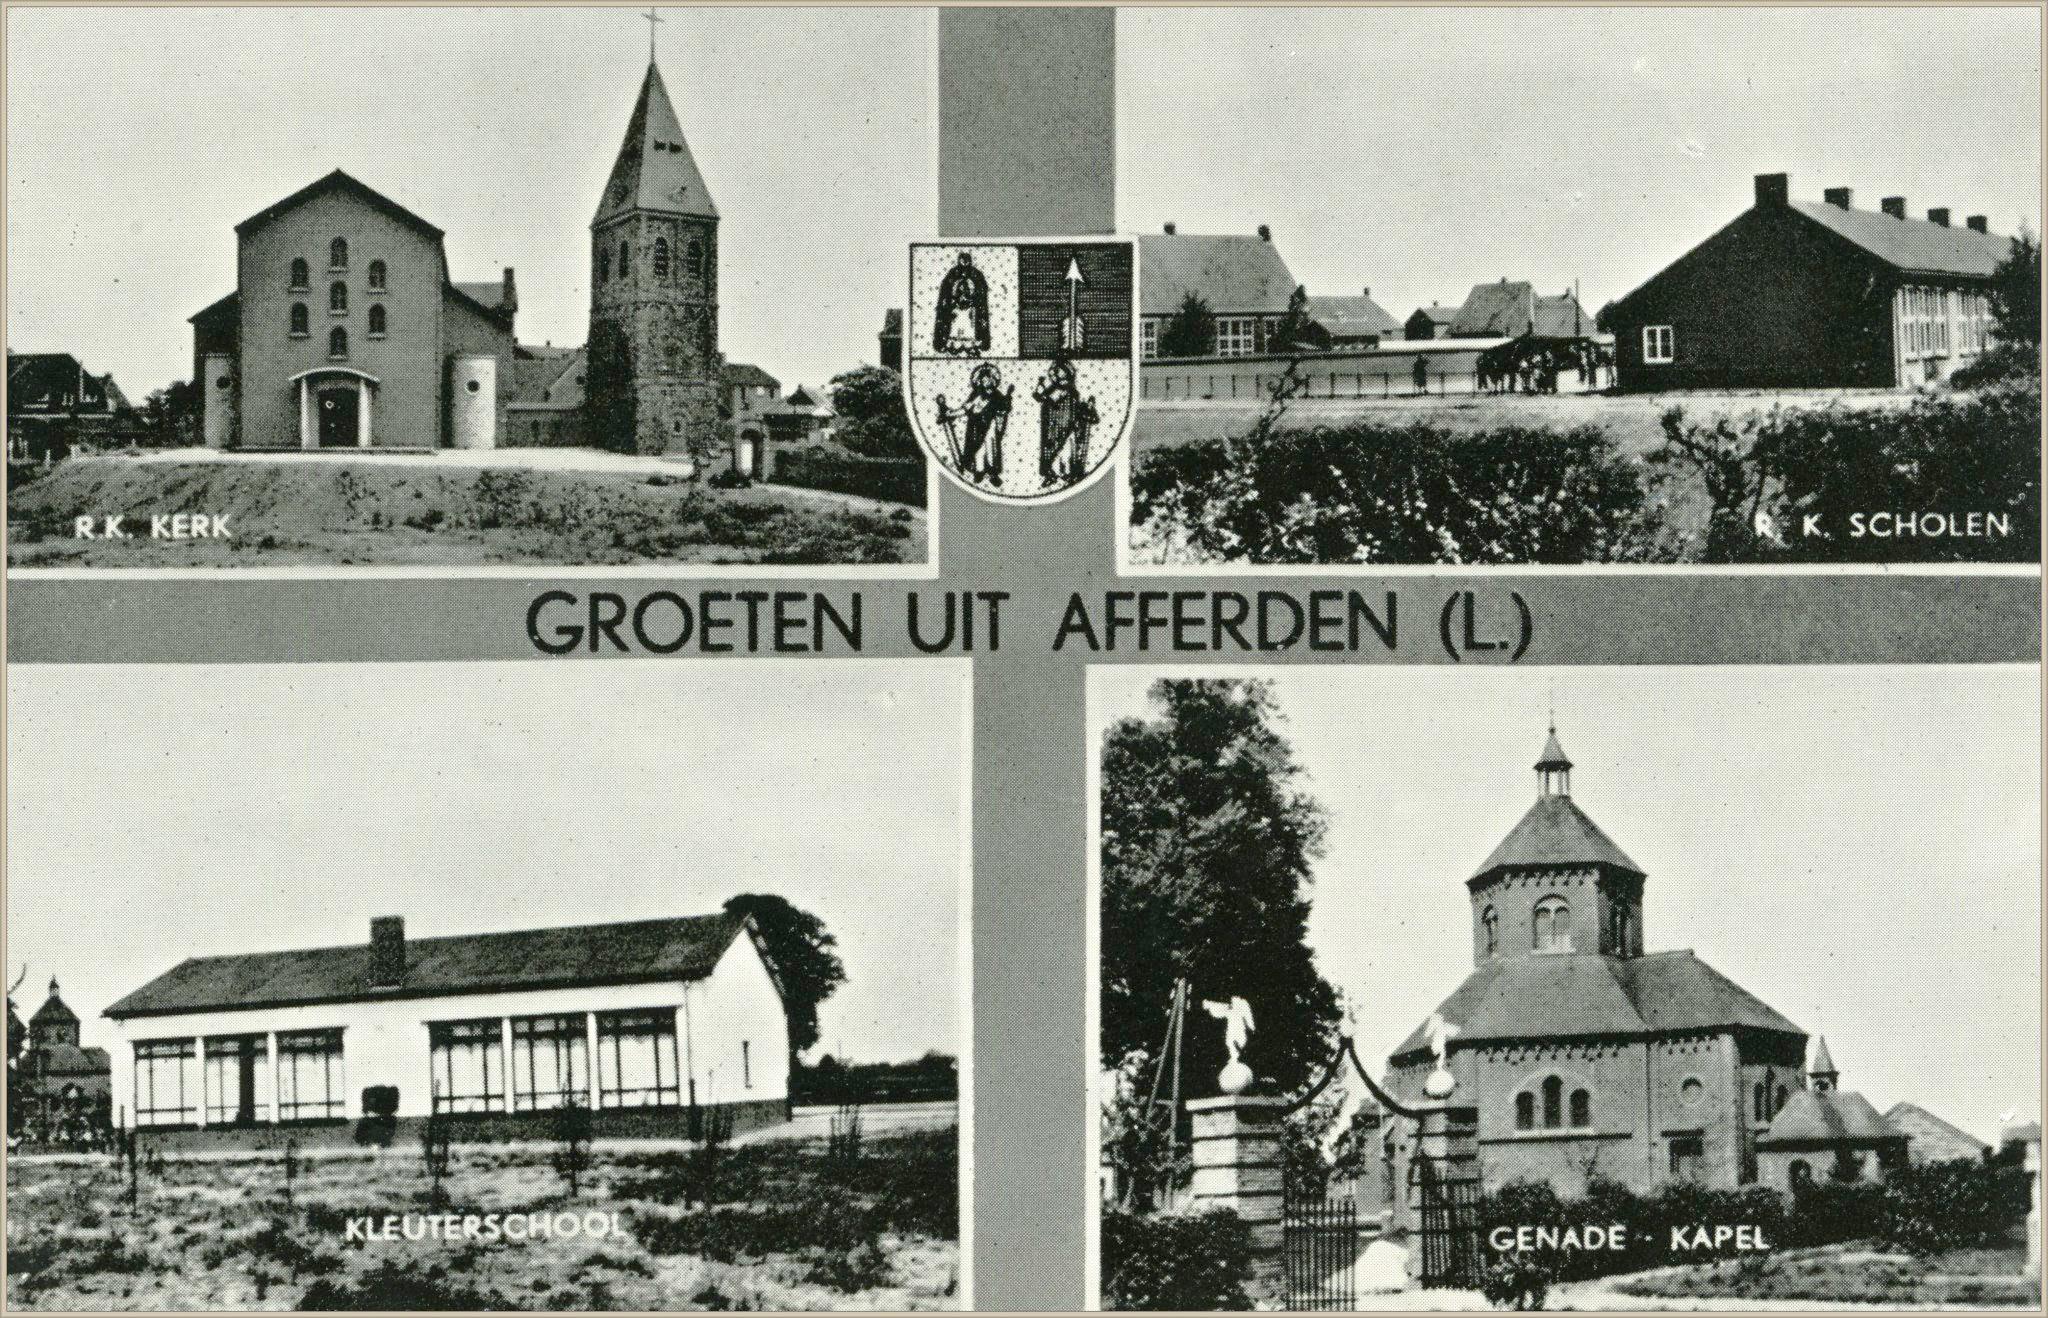 Vierluik Afferden rond 1960